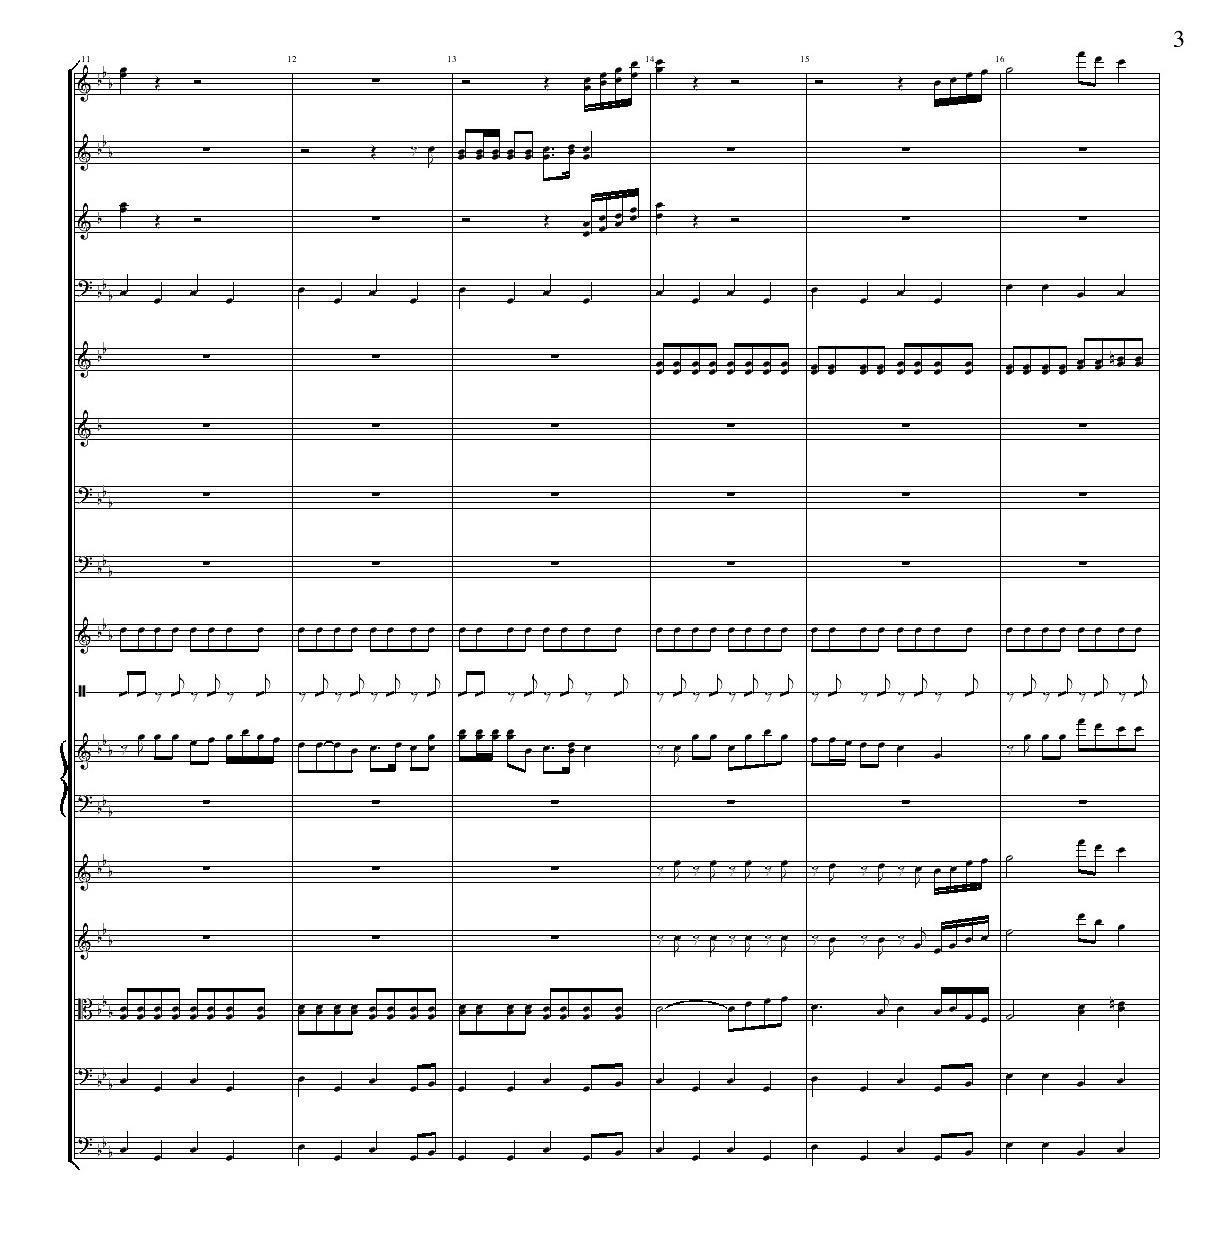 老司机 管弦乐队总谱